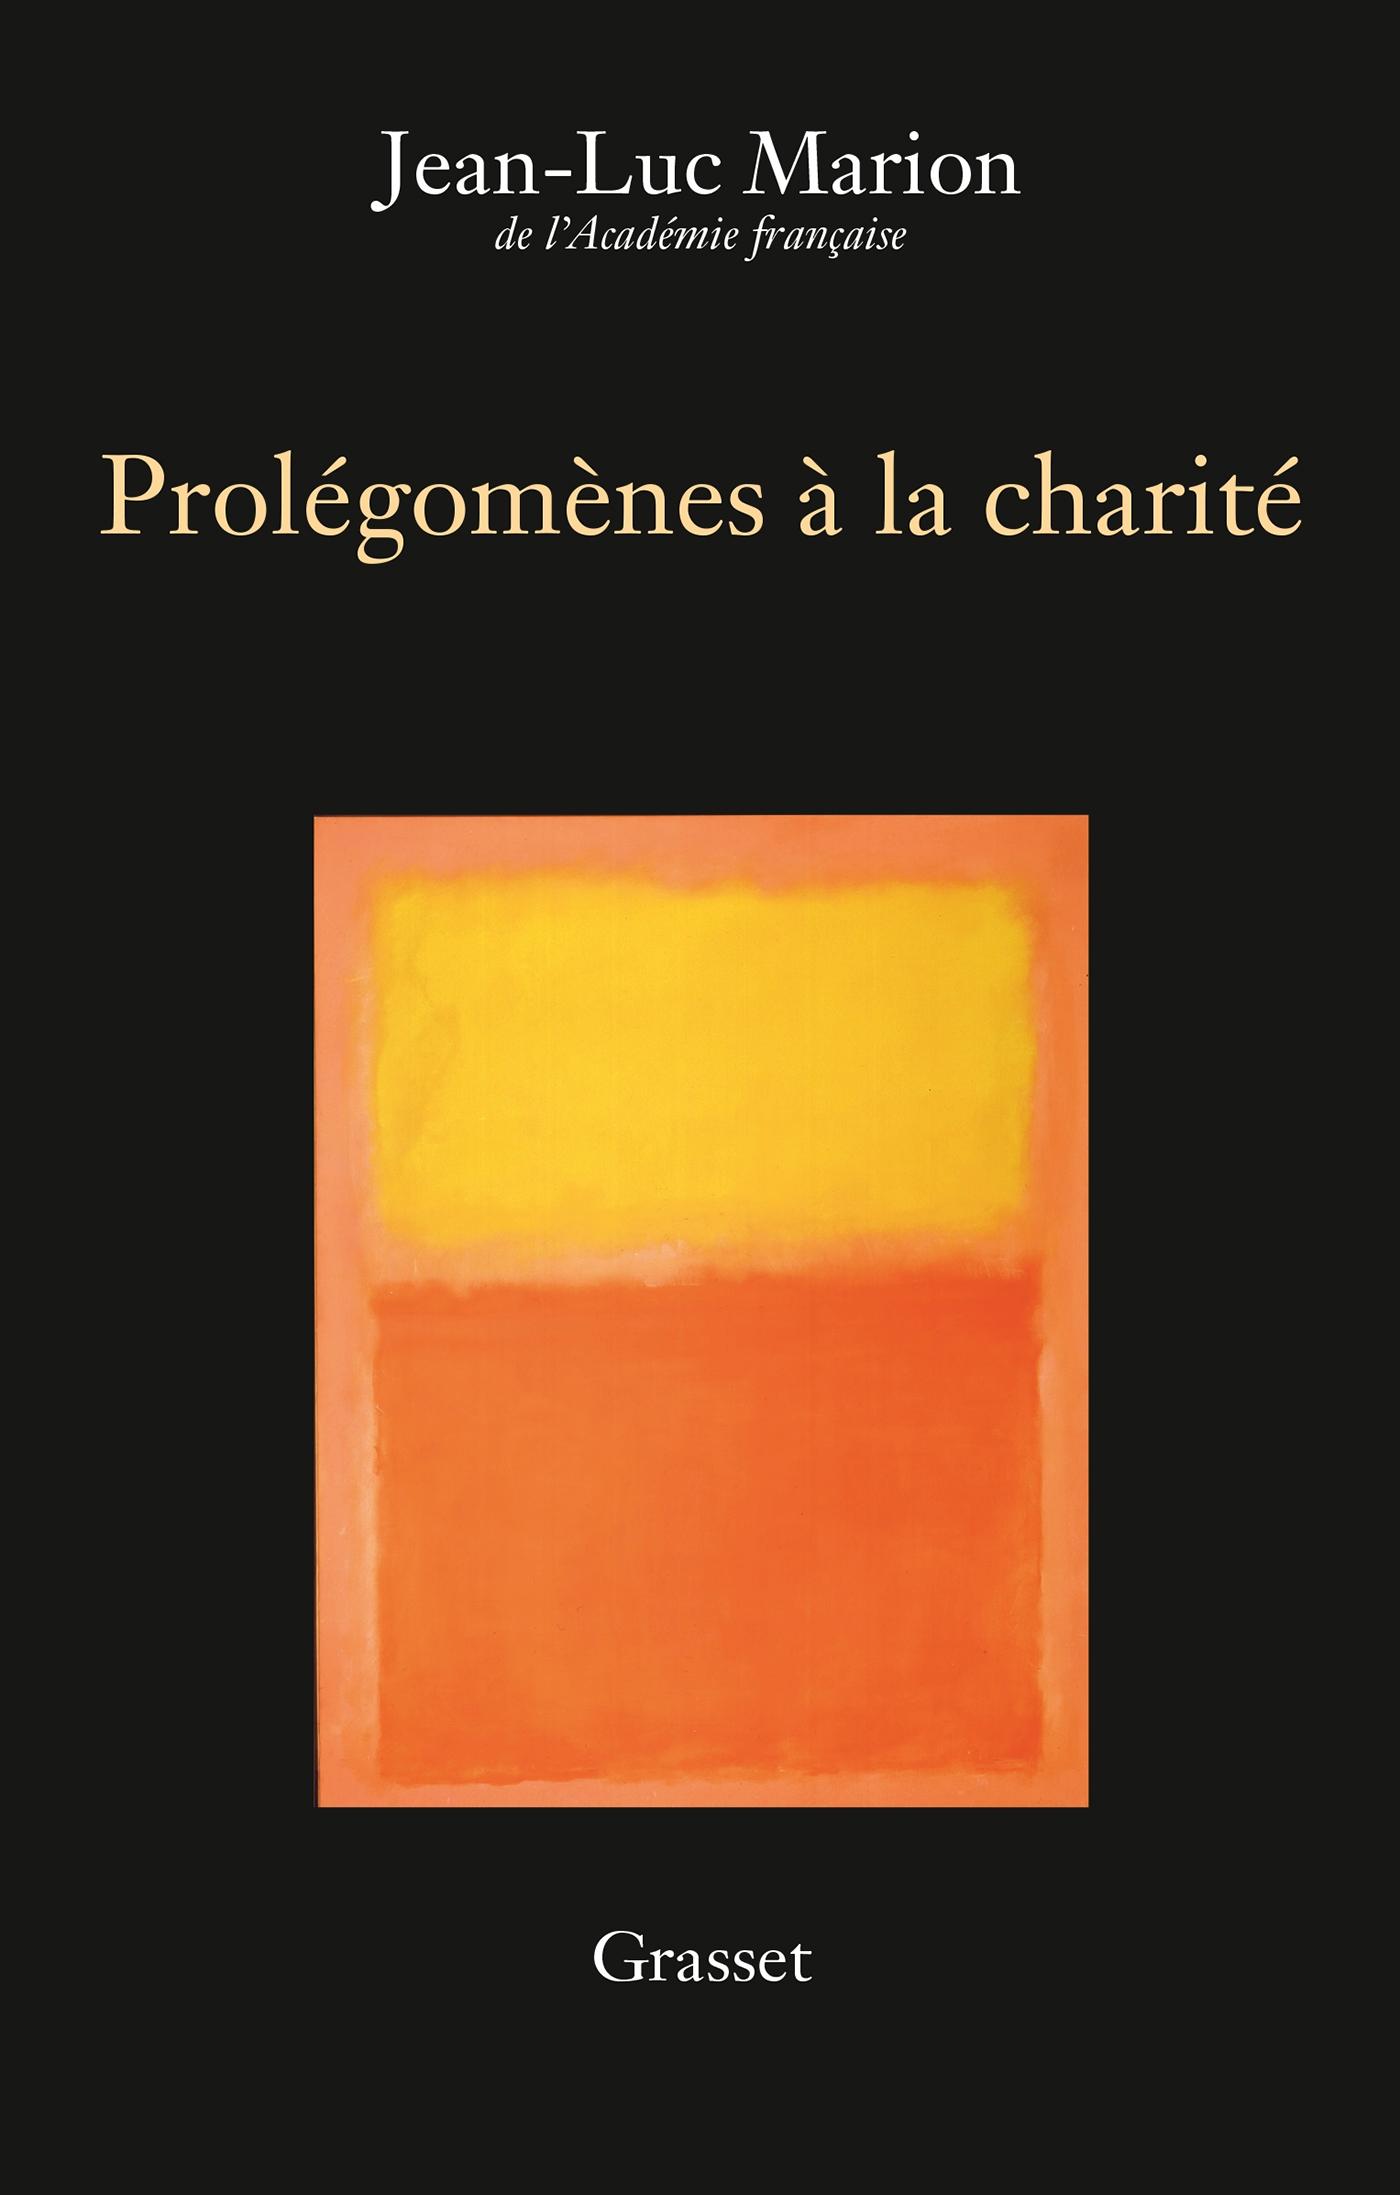 Prolégomènes à la charité